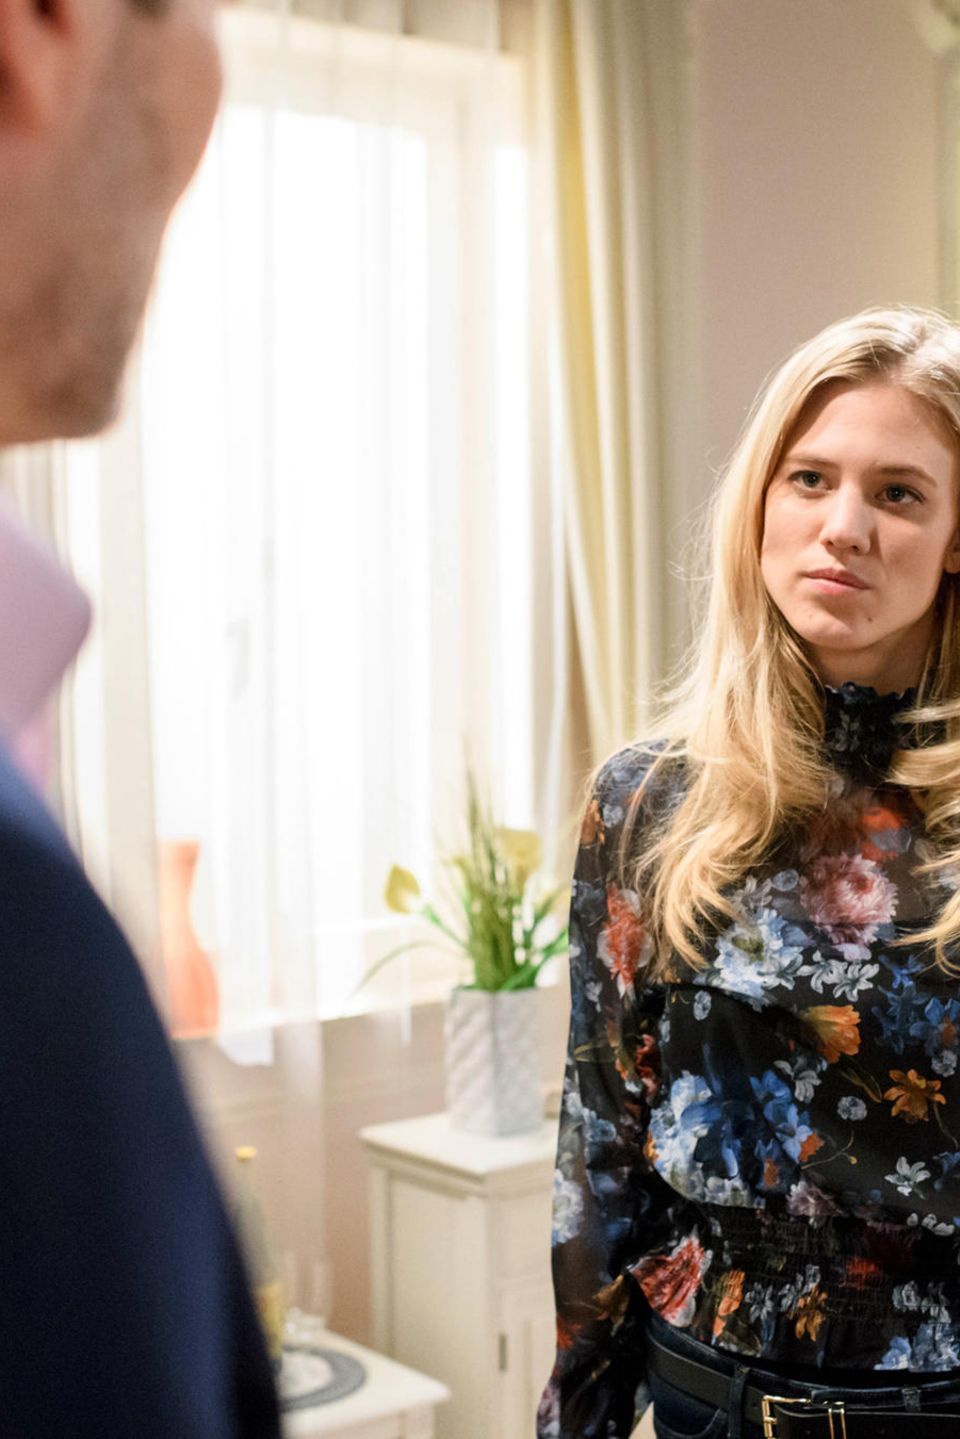 In Folge 3107 haben Christoph (Dieter Bach) und Alicia (Larissa Marolt) wieder etwas zu besprechen